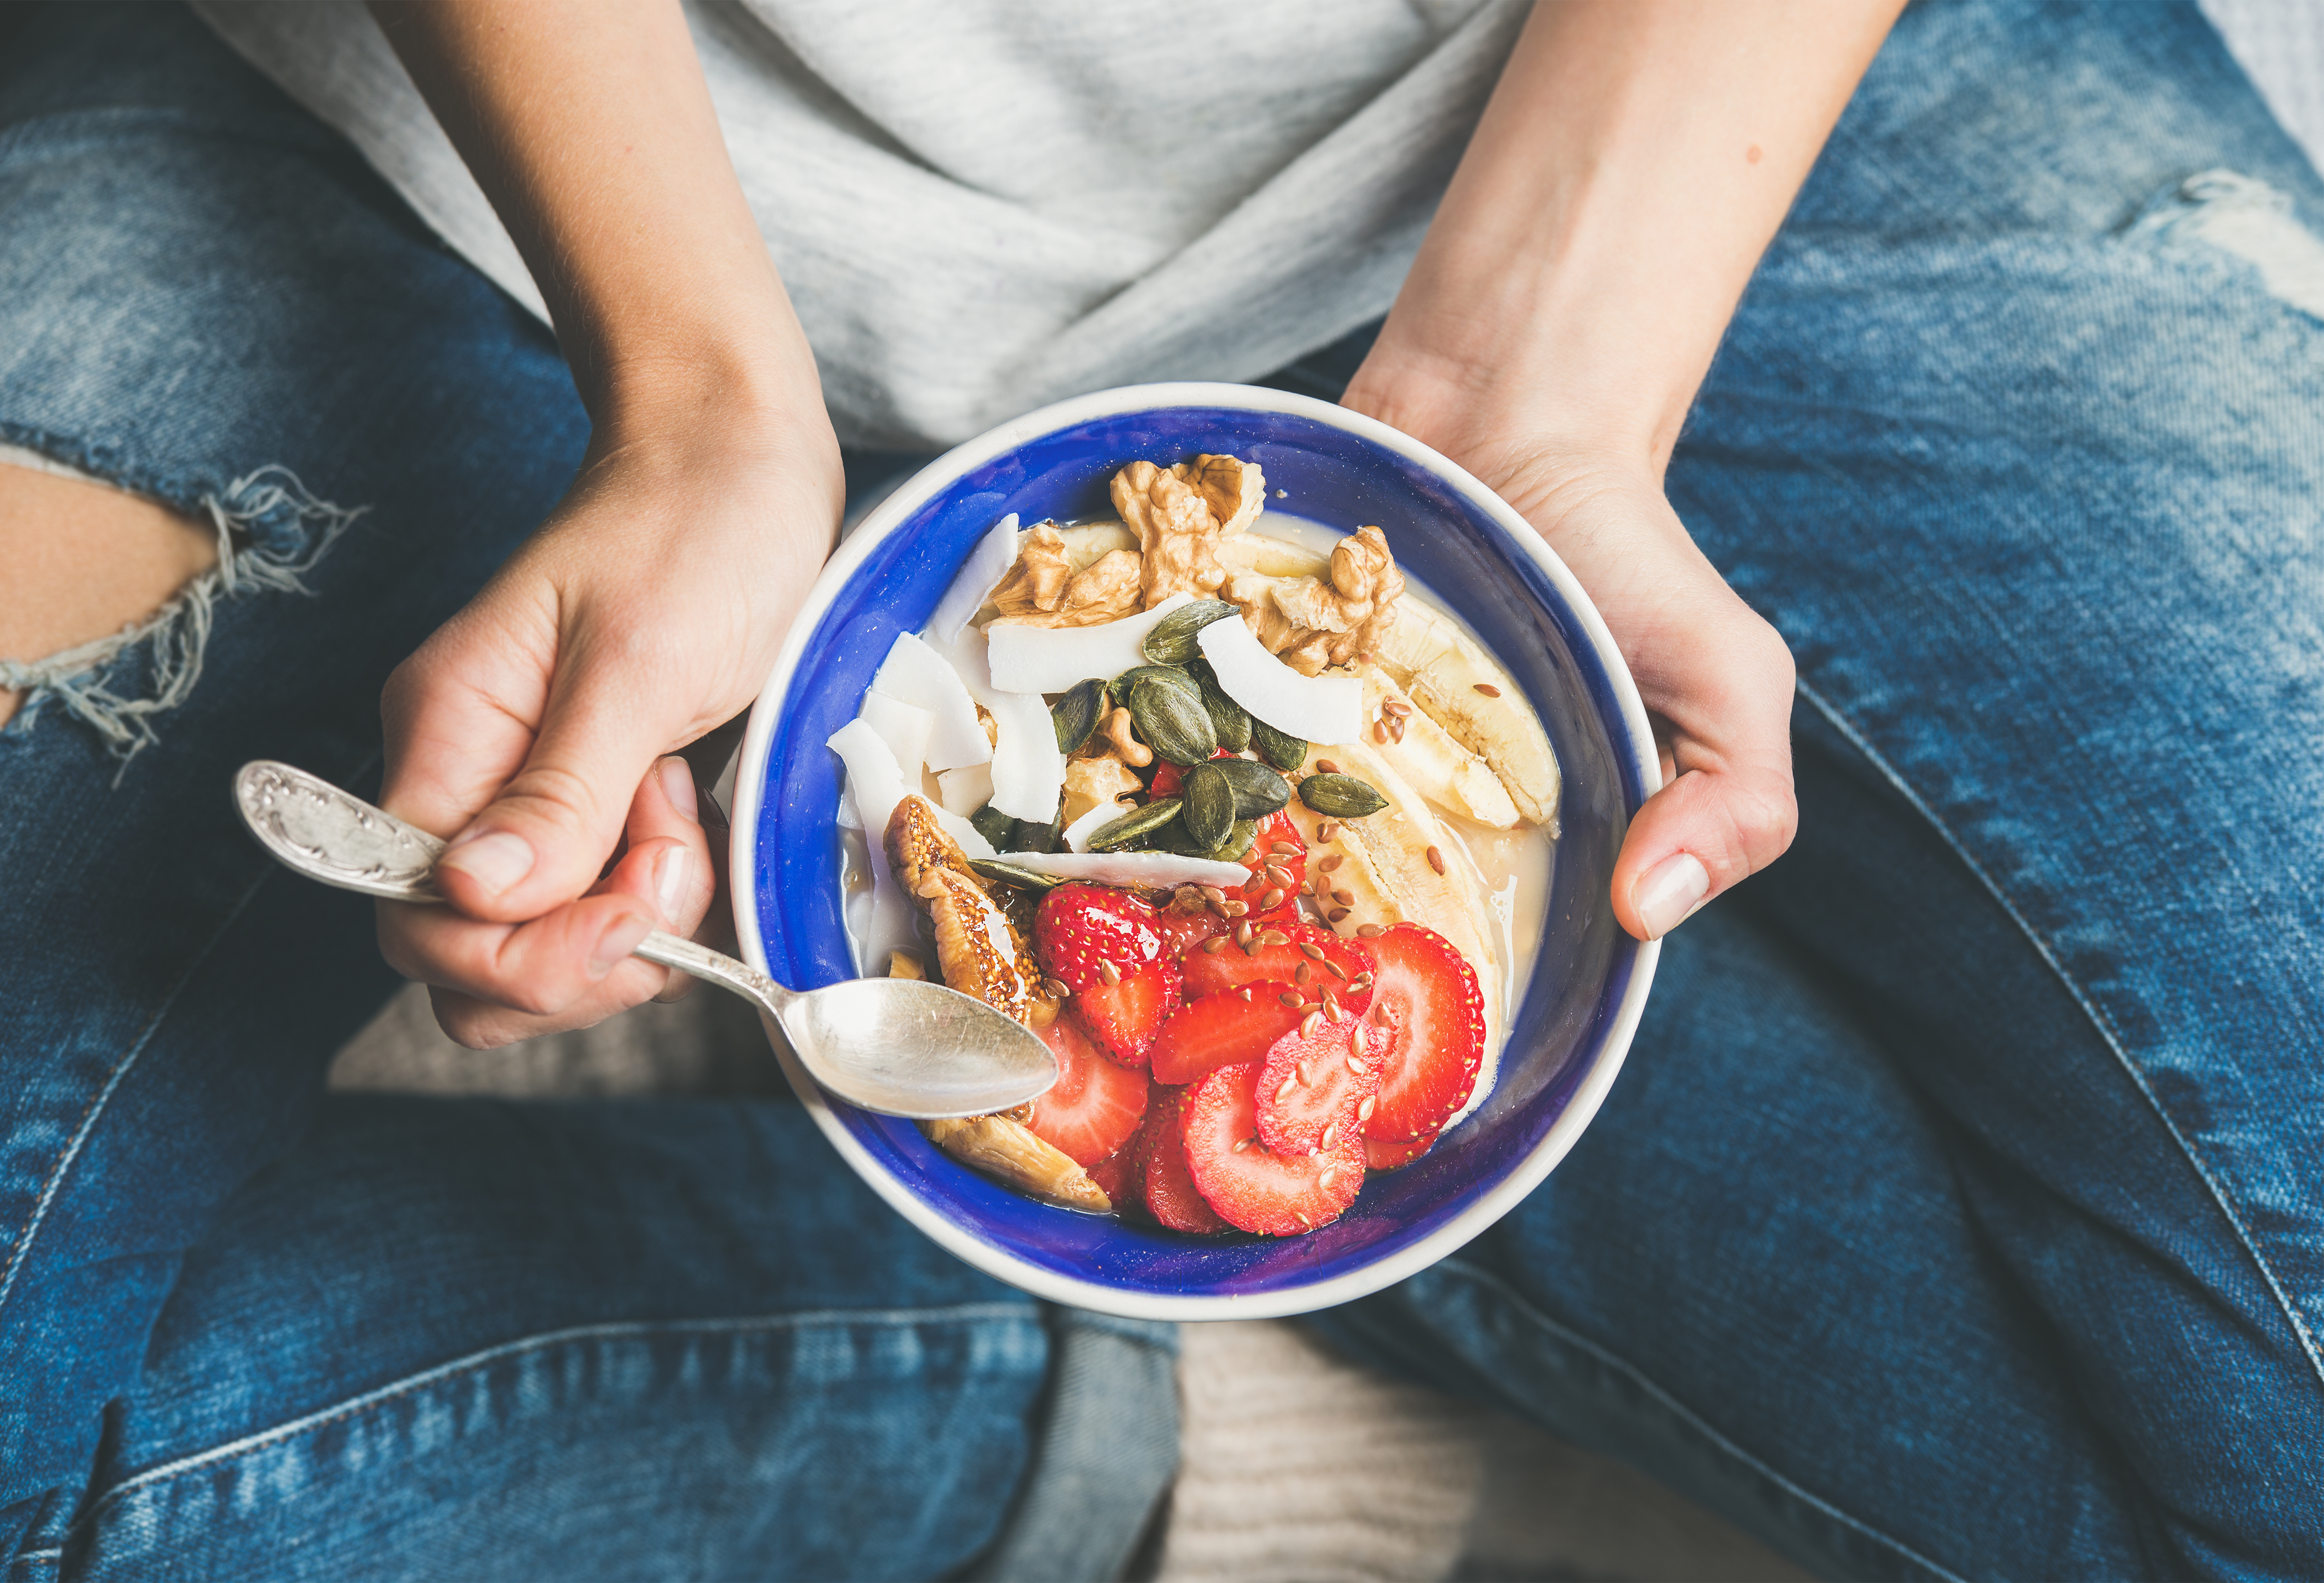 Qué es el Mindful Eating y cuáles son sus beneficios